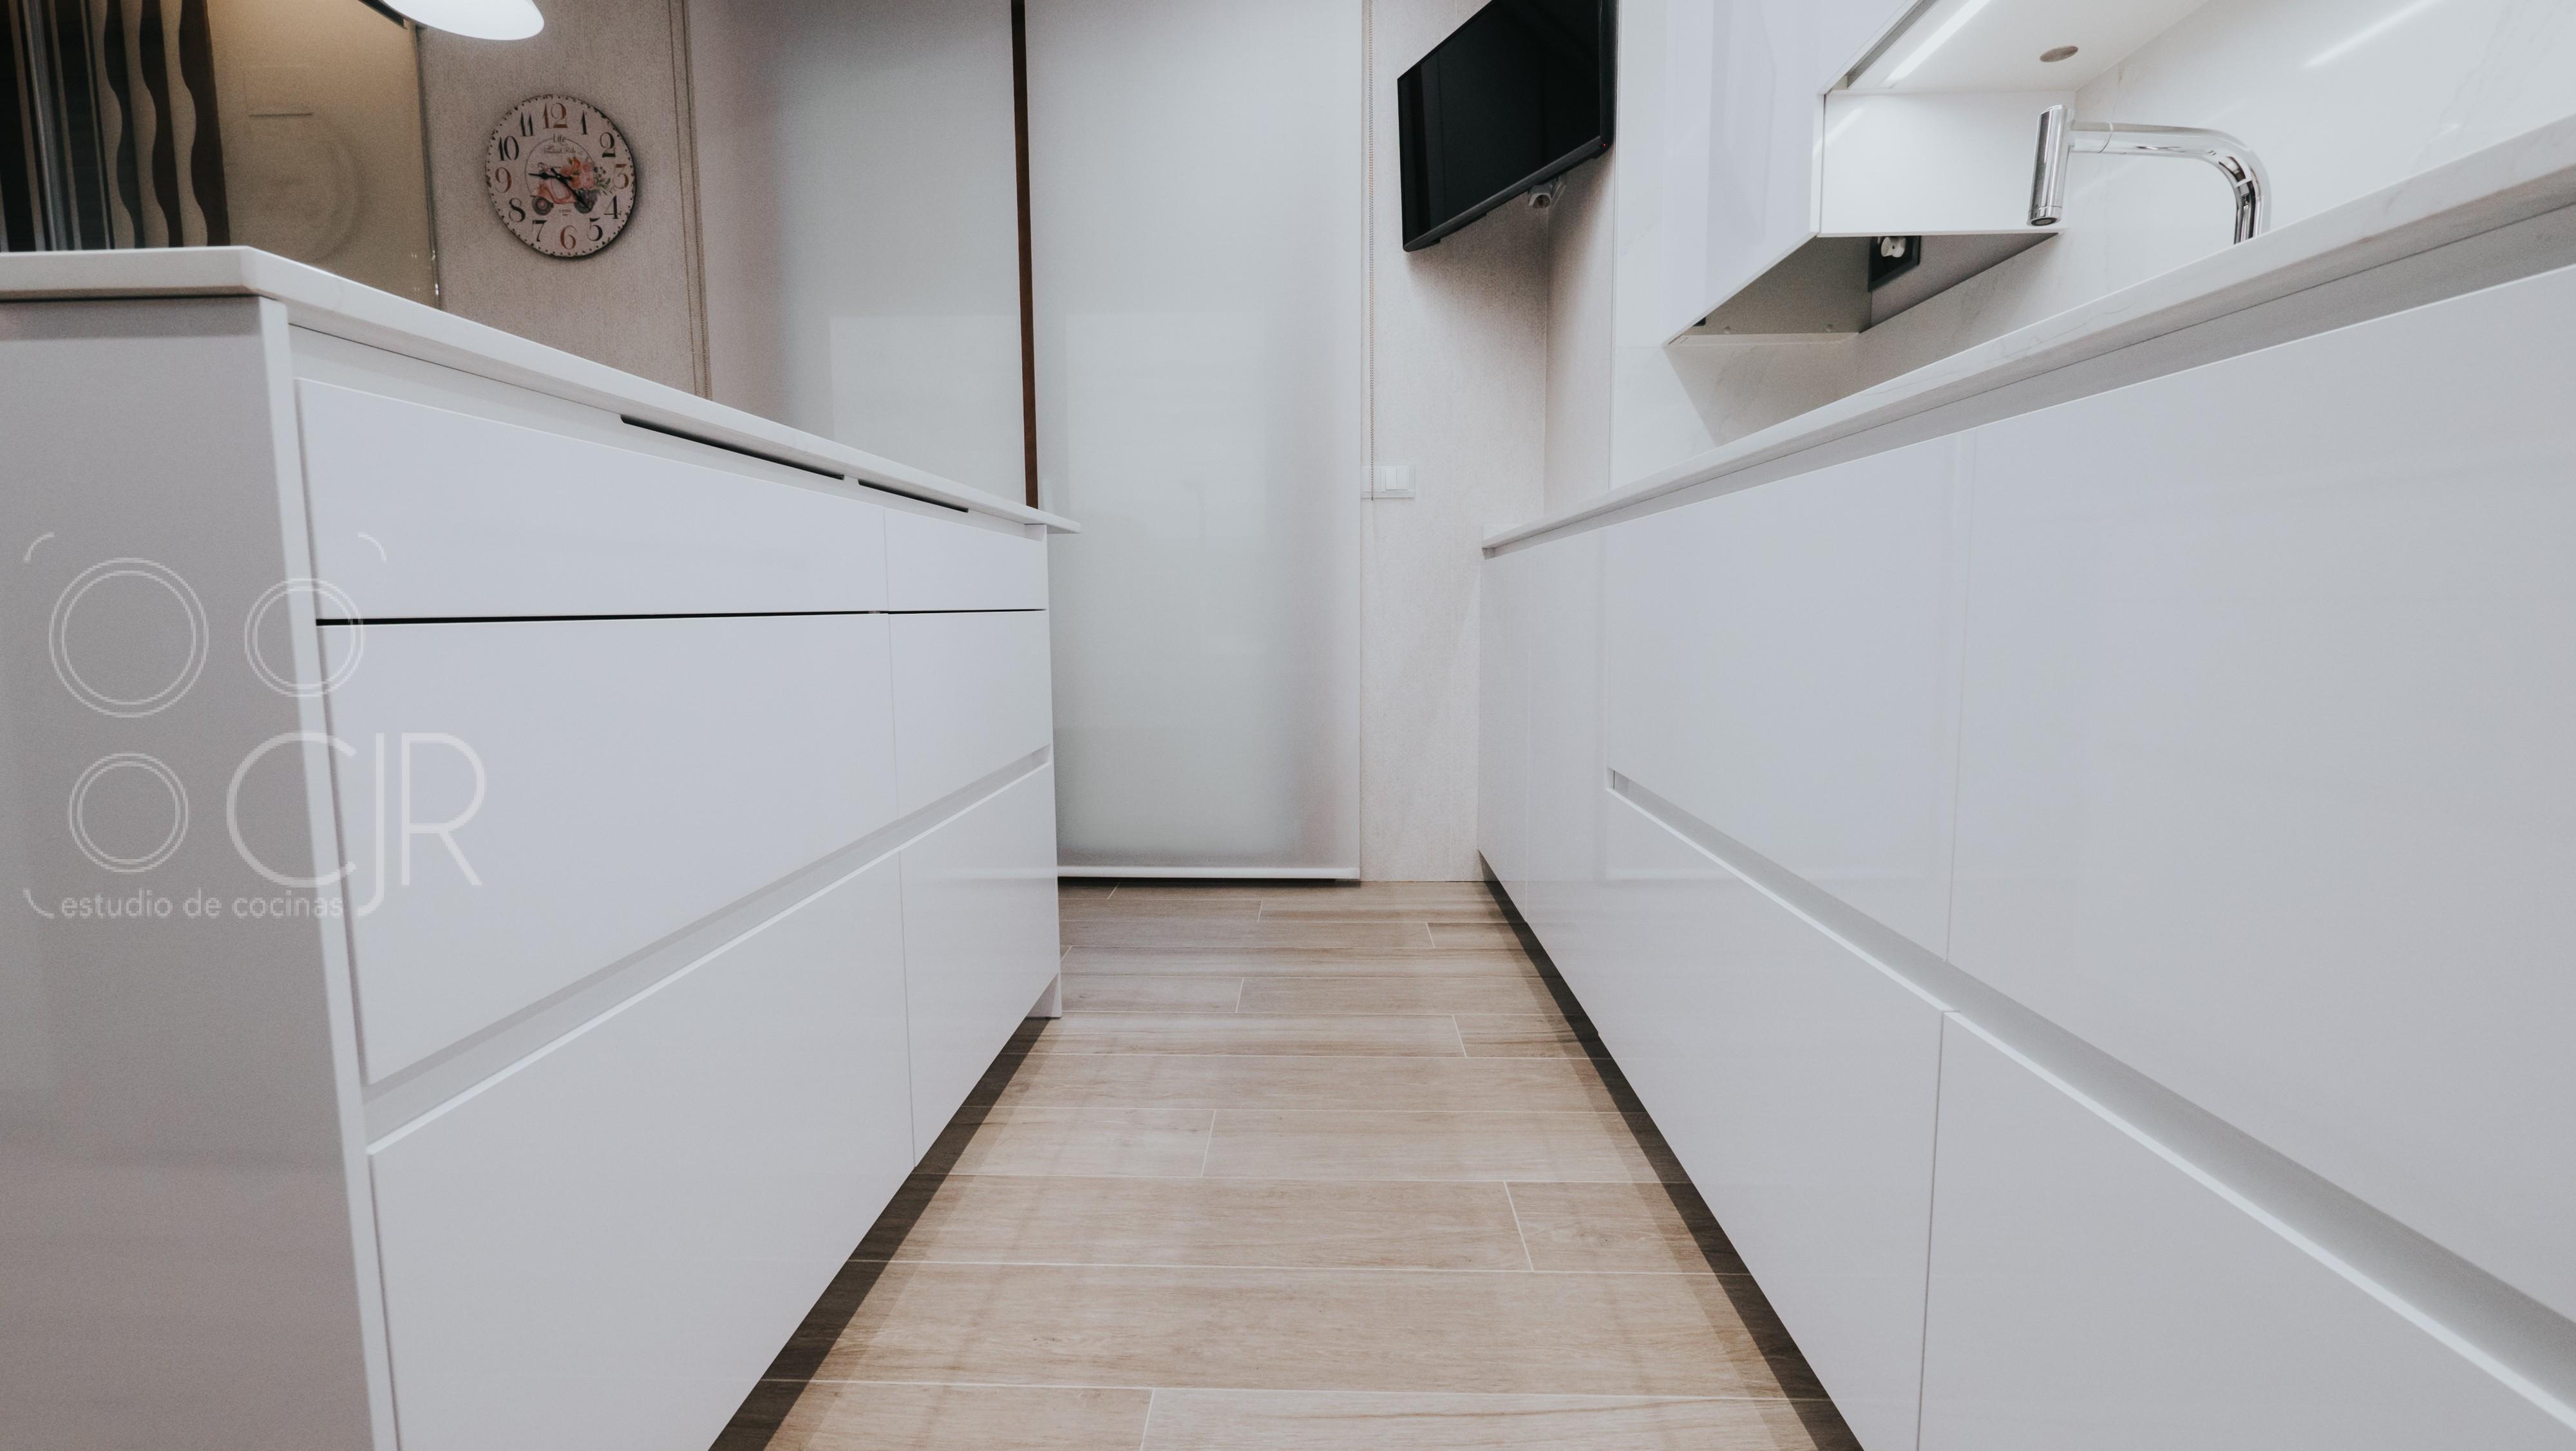 cocinas modernas con tirador gola blanco